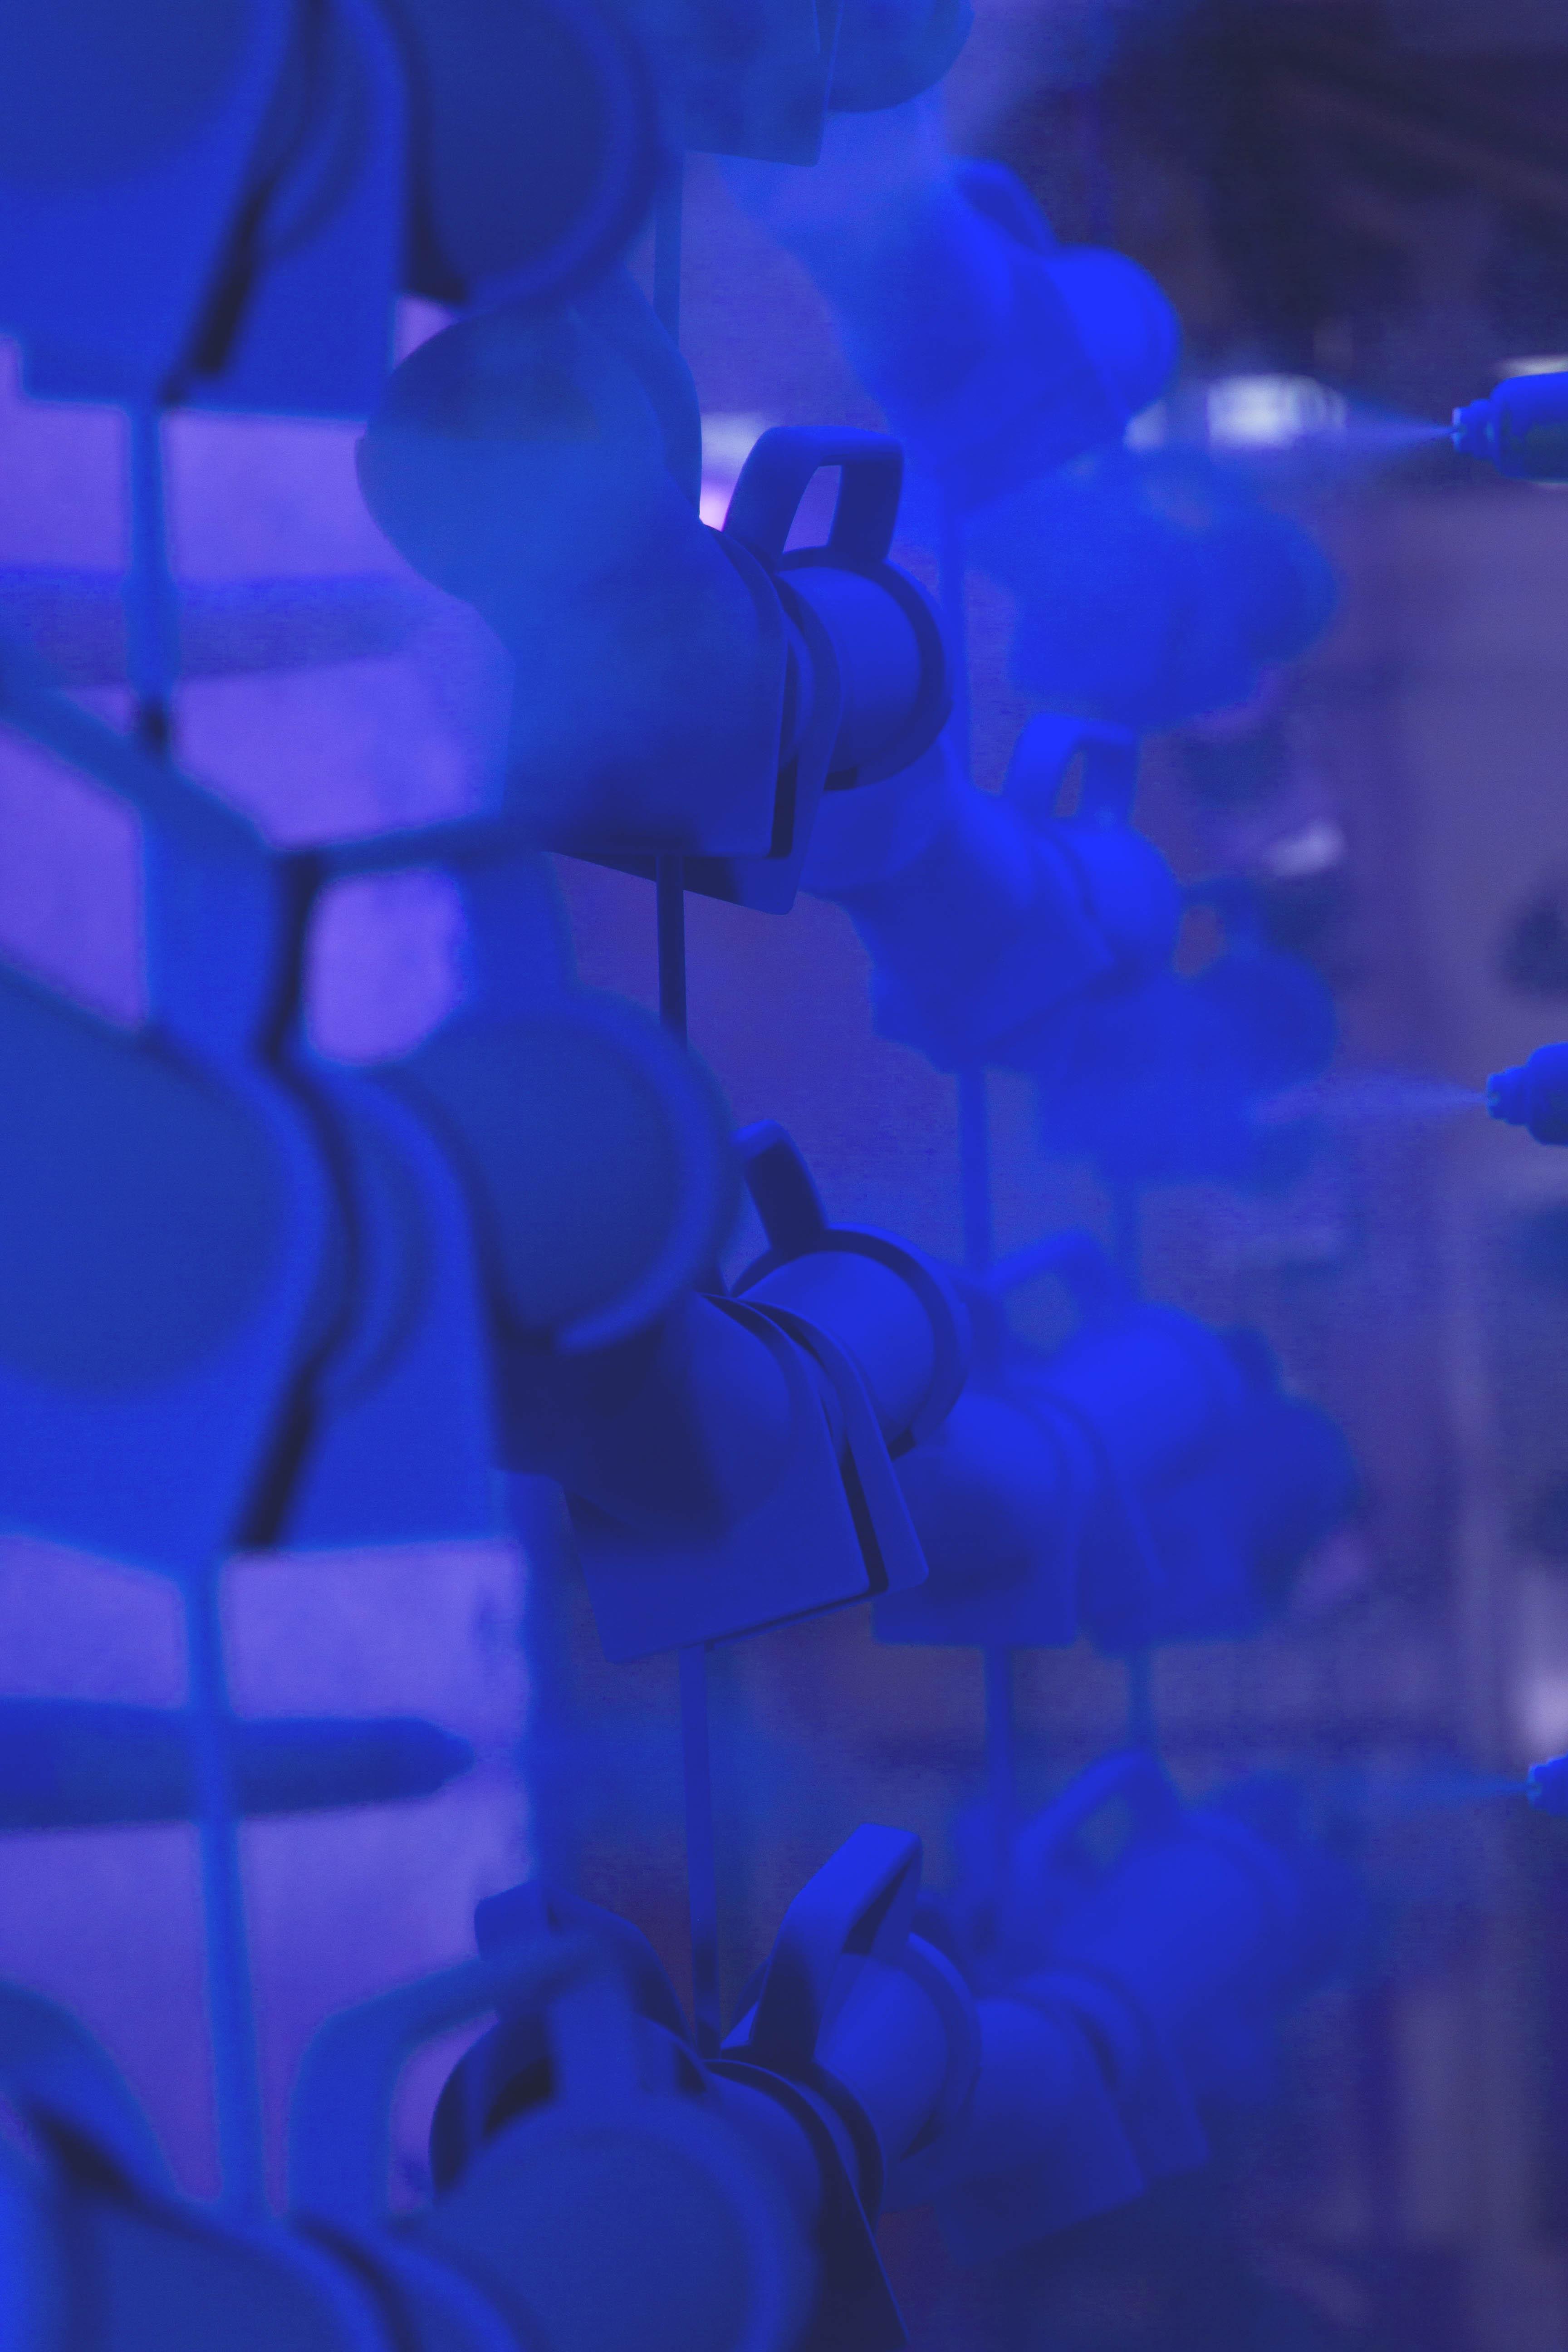 Décoration du métal par poudrage époxy bleu